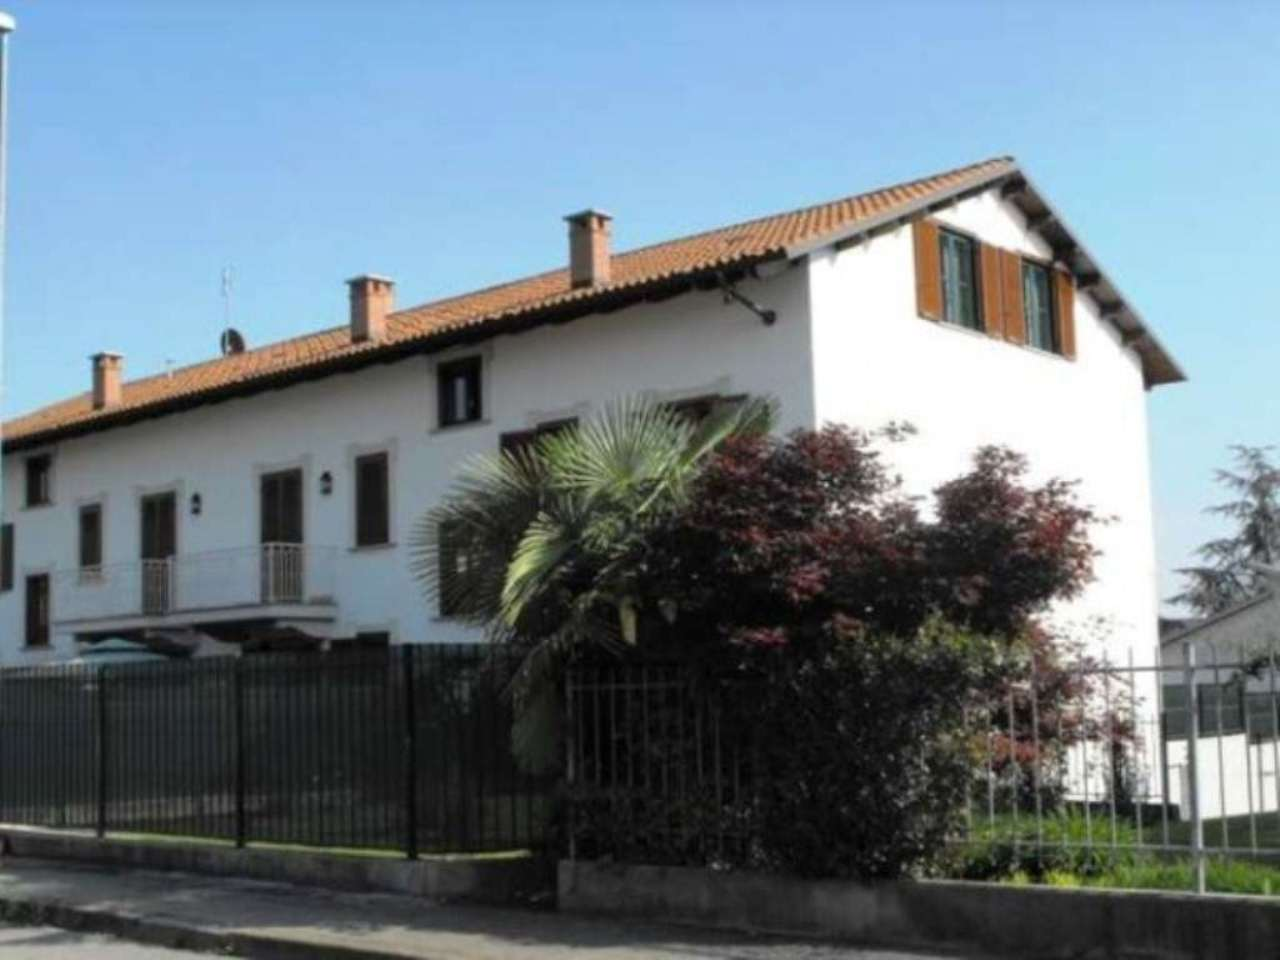 Appartamento in vendita a Trofarello, 2 locali, prezzo € 105.000 | PortaleAgenzieImmobiliari.it